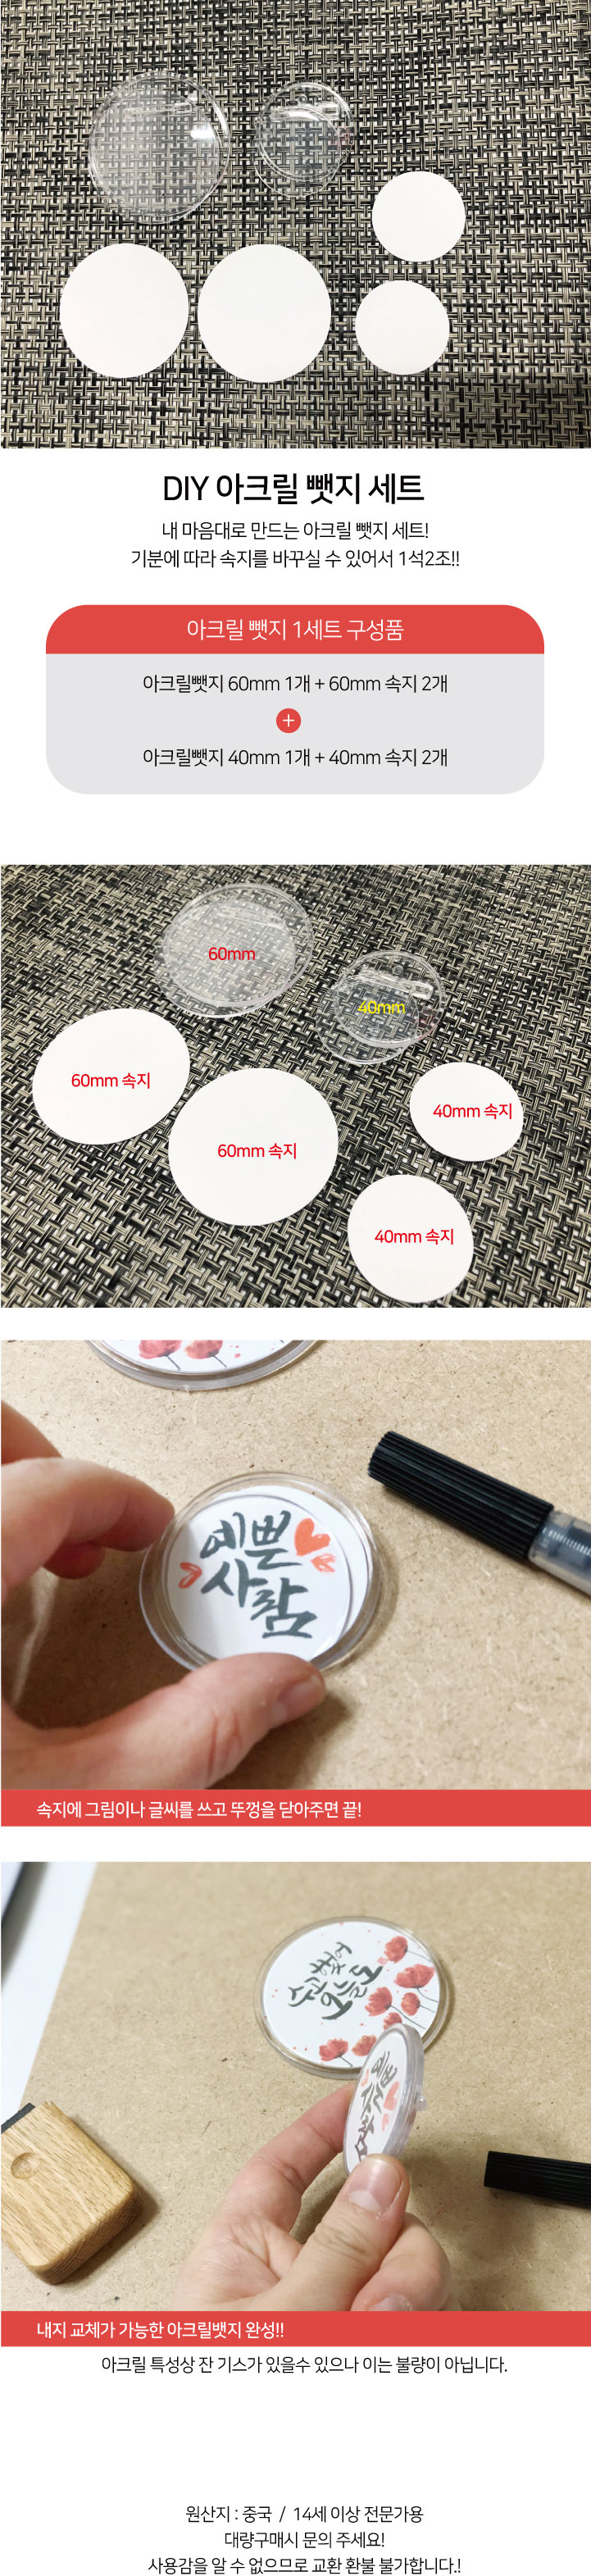 아크릴뱃지세트 반제품(4cm+6cm) 속지포함 - 기쁨기업, 1,380원, 아이디어 상품, 아이디어 상품